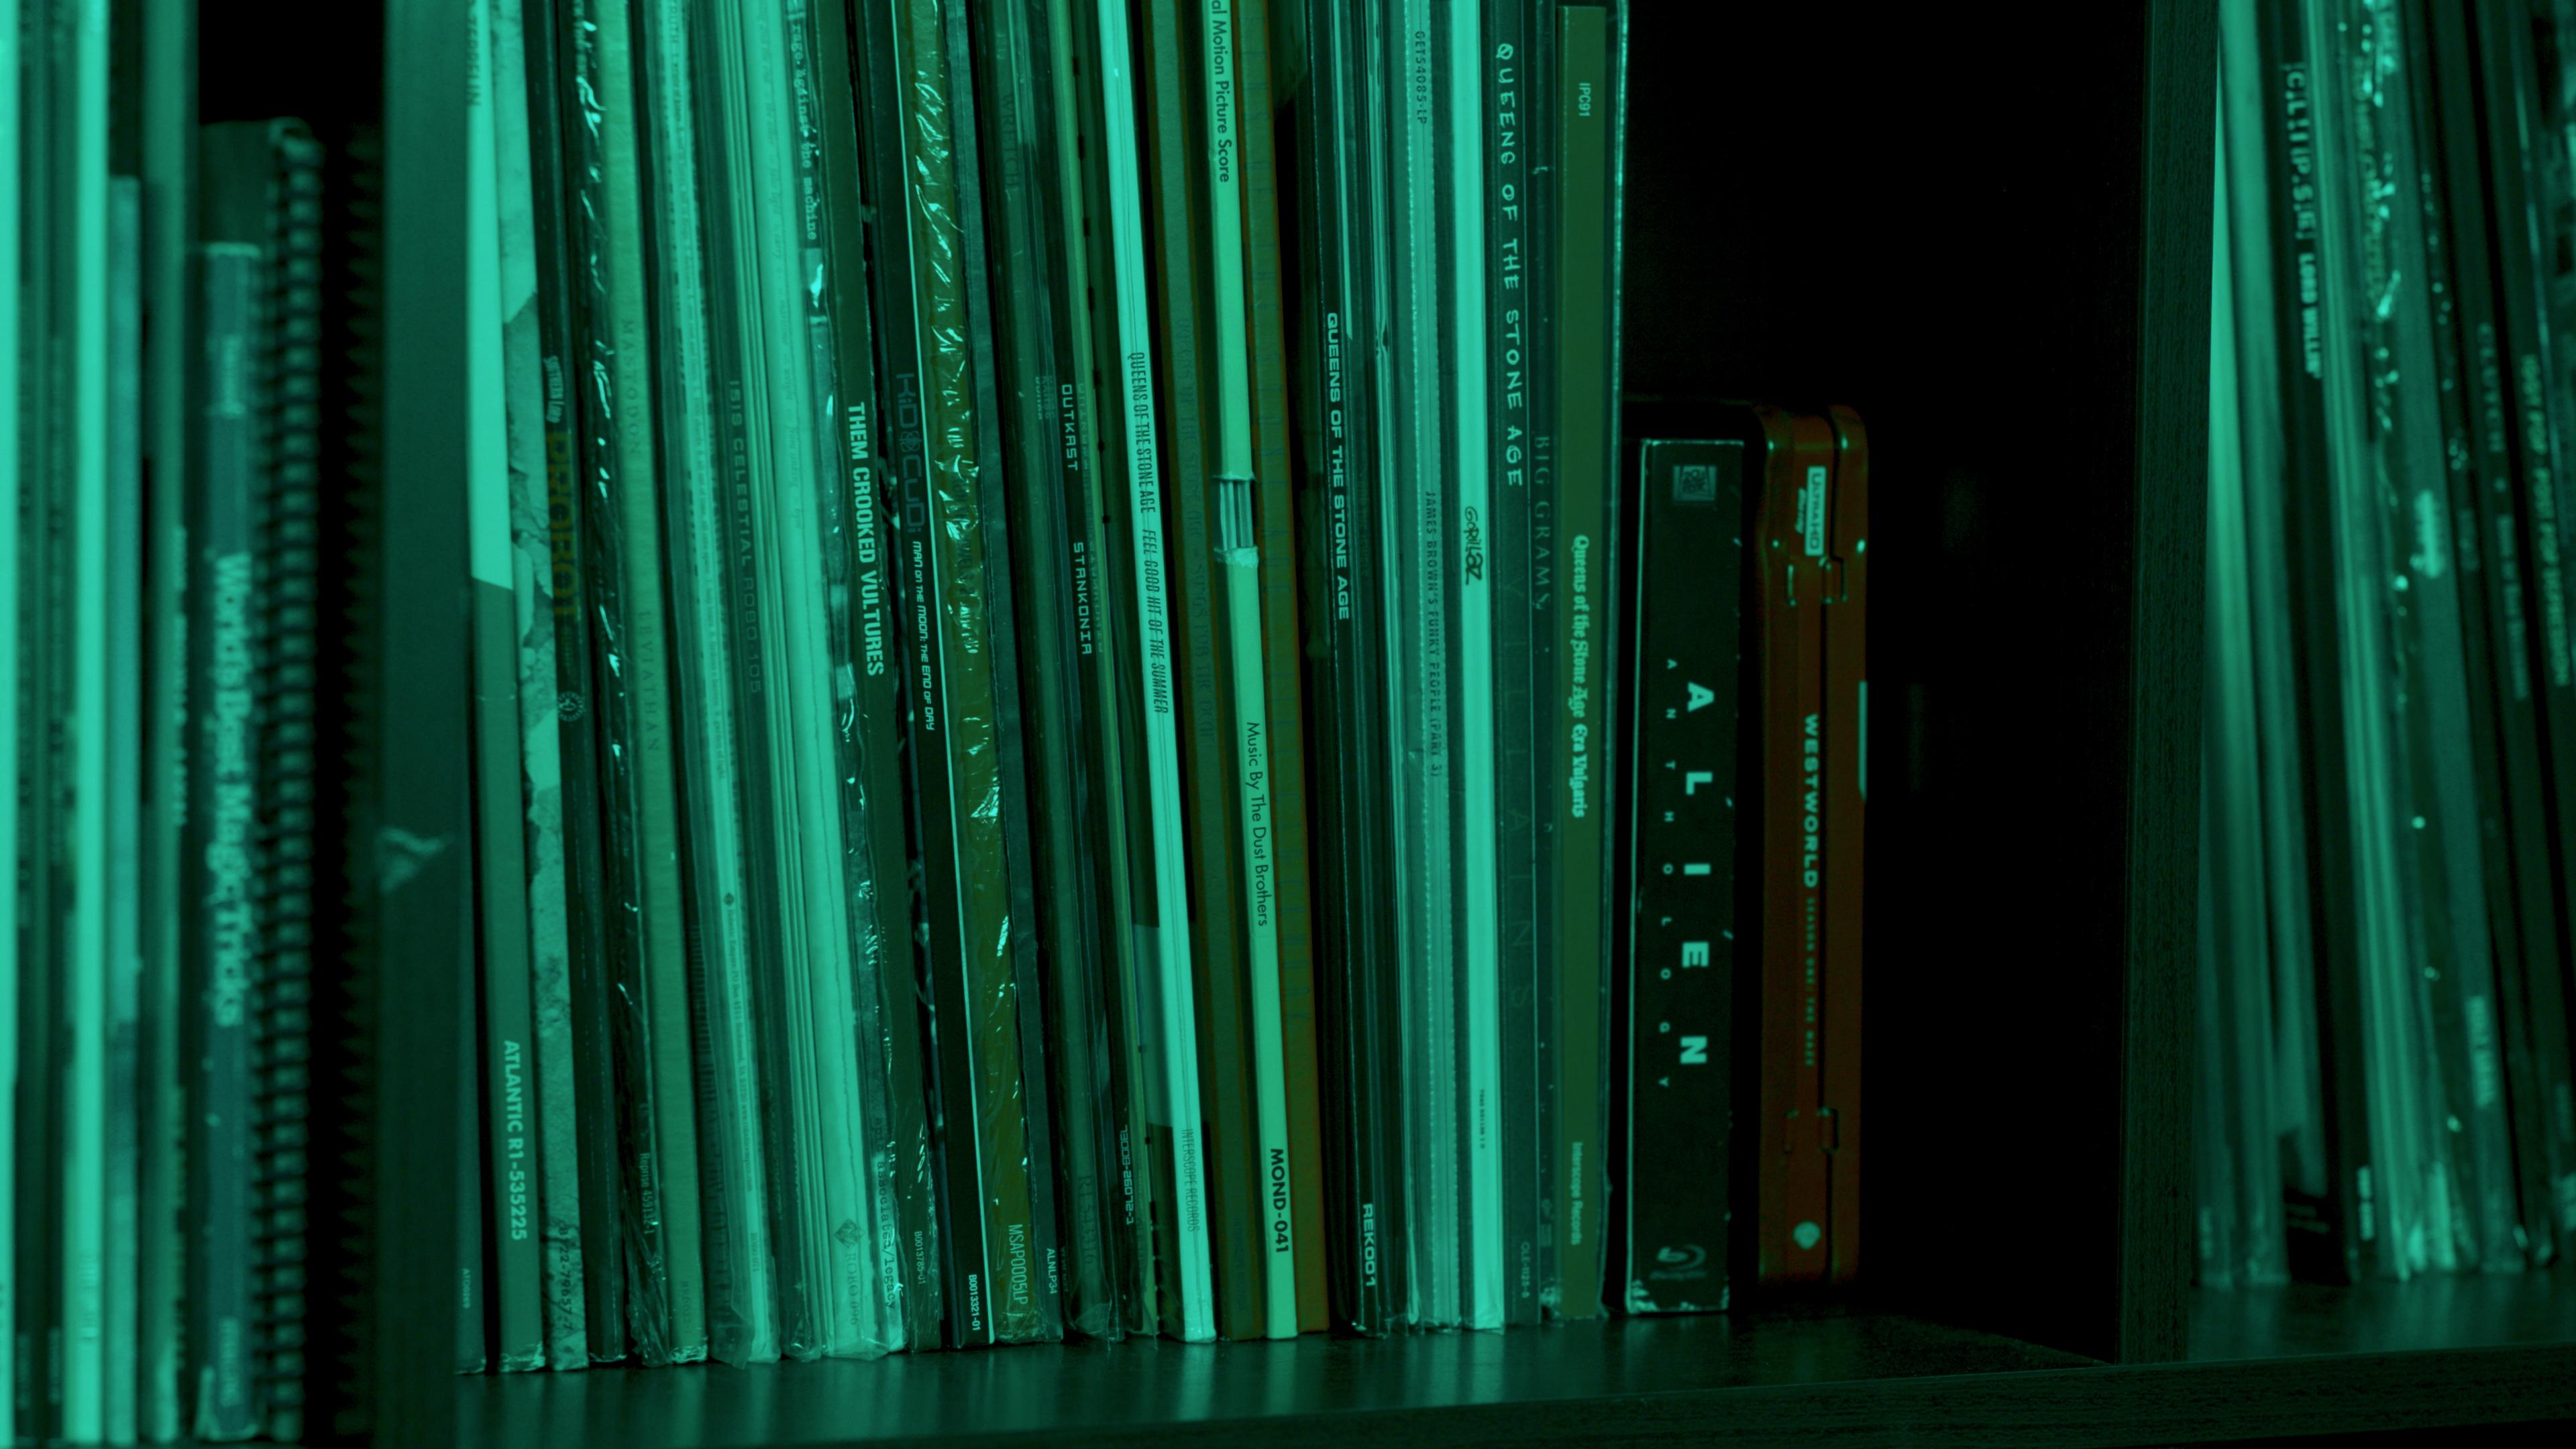 Aputure Nova P300c LED Panel // Tool Talk 26